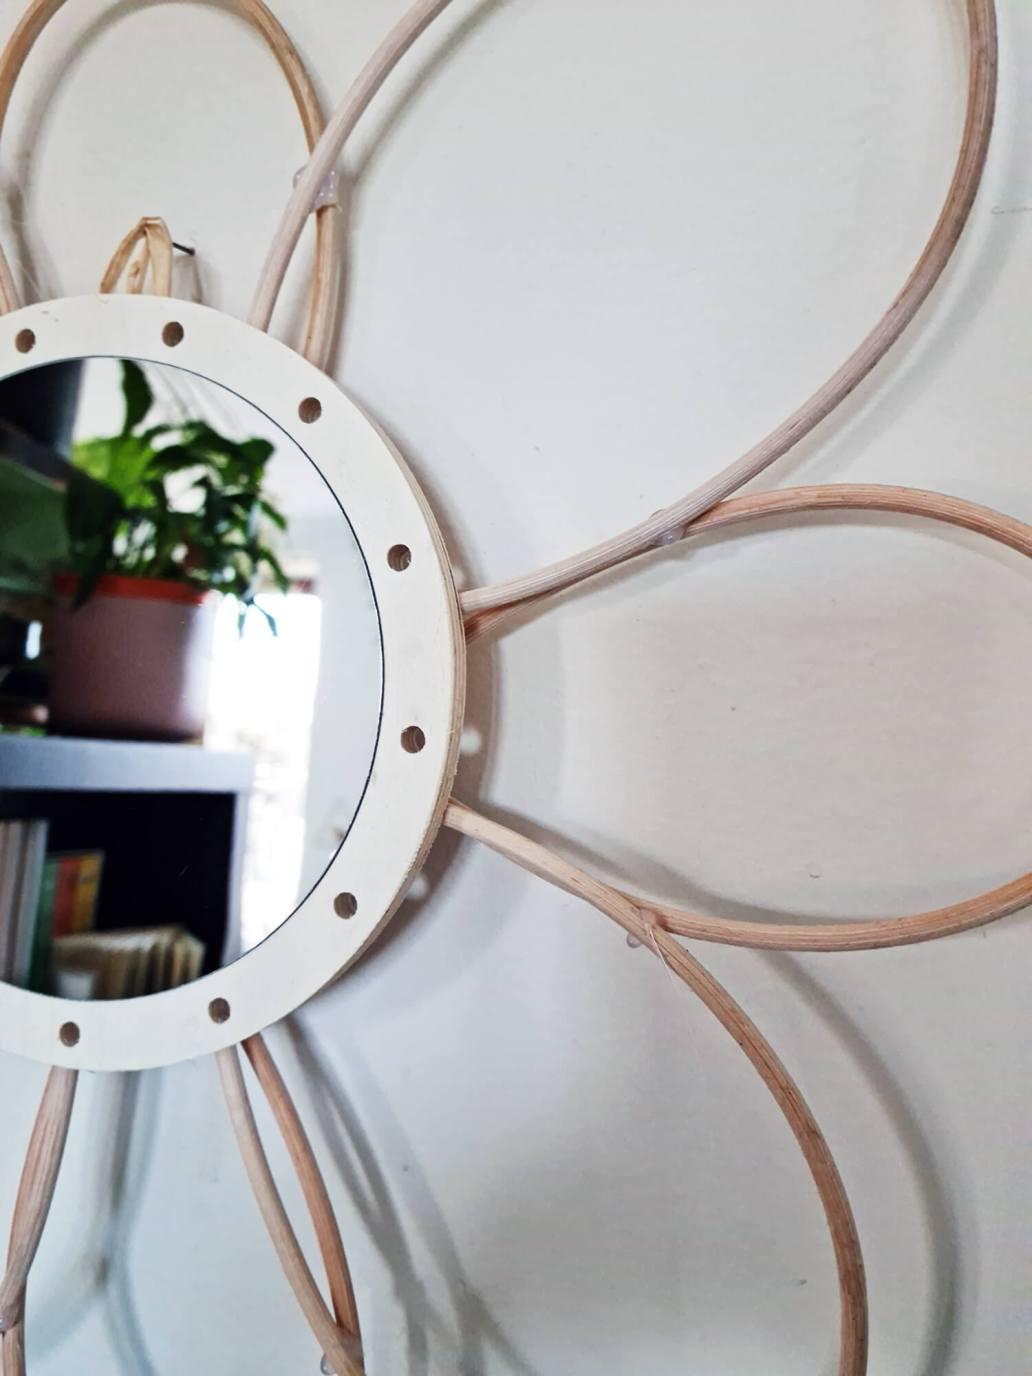 20210319 170938 - DIY déco : donner vie à des miroirs en rotin